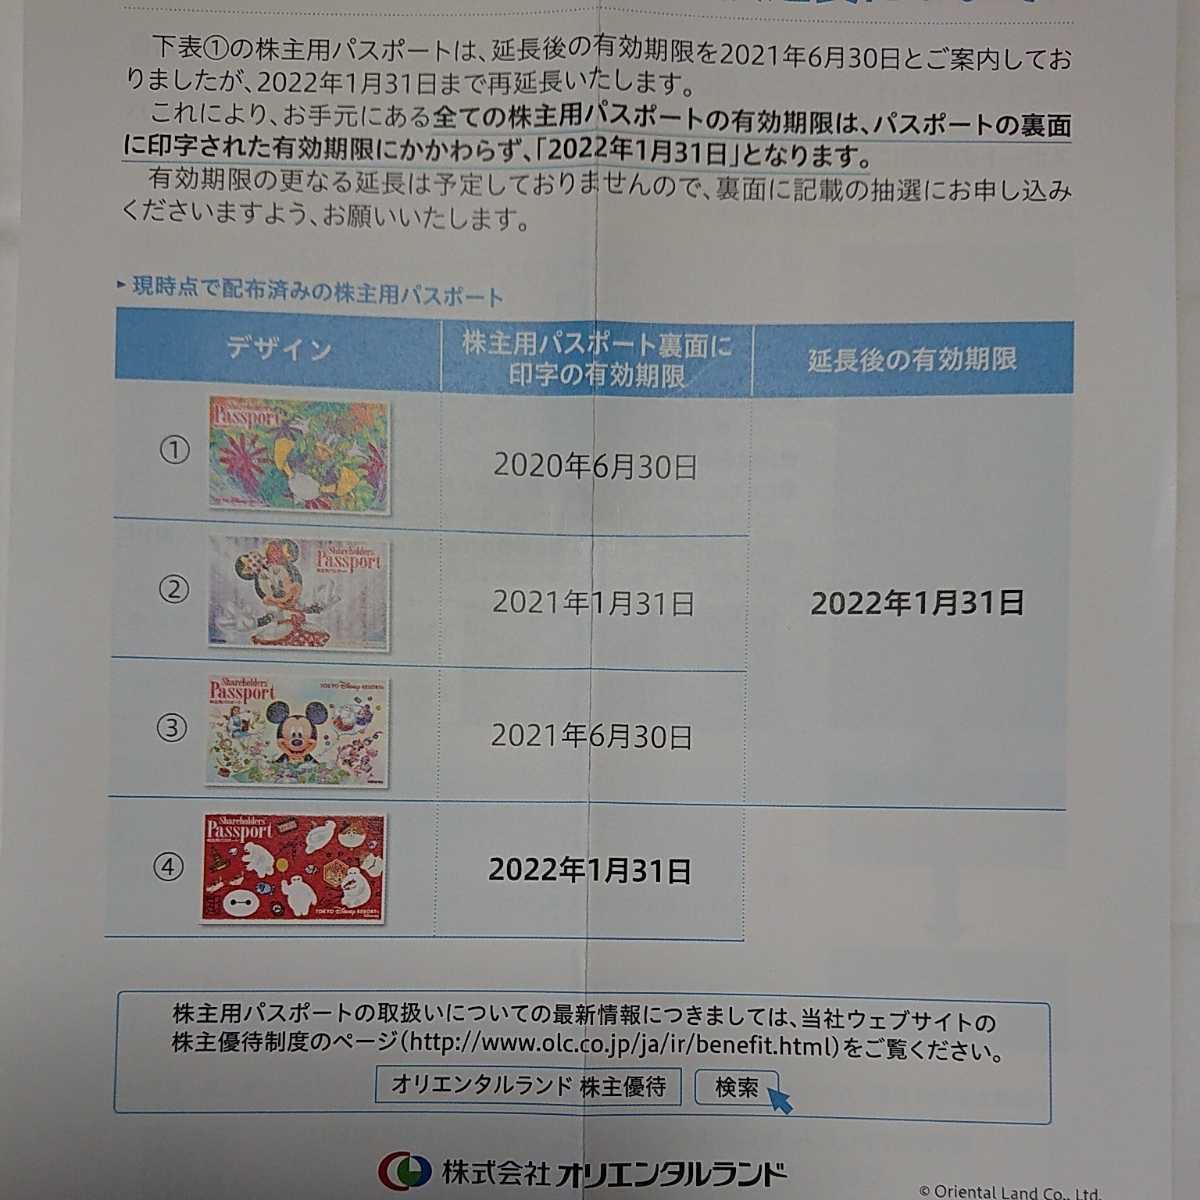 【送料無料】東京ディズニーリゾート株主優待パスポート二枚組_画像2